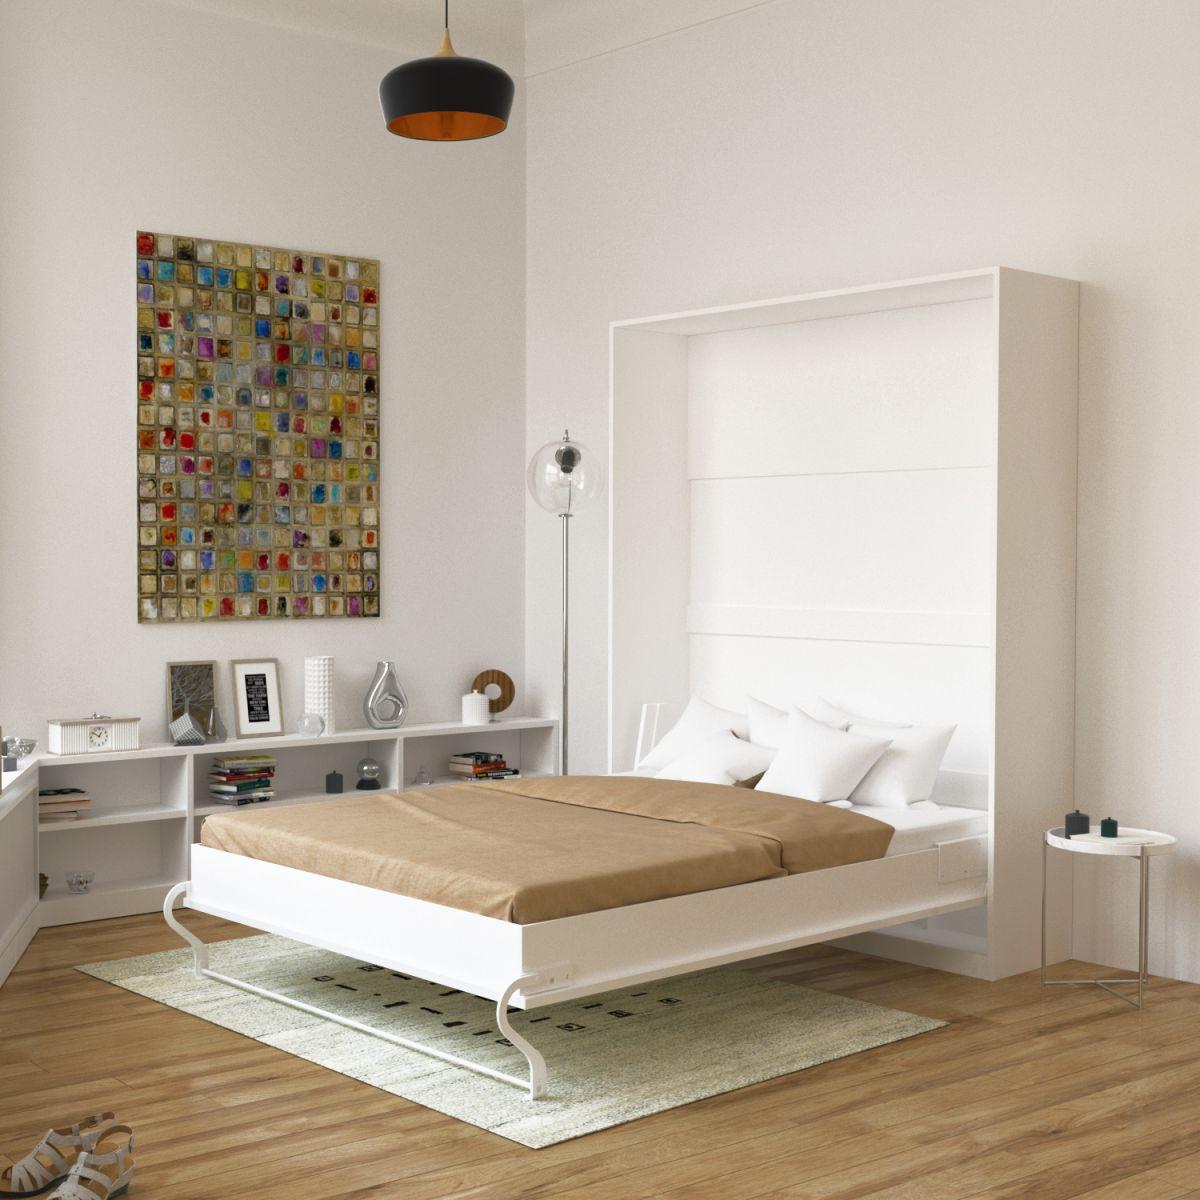 schrankbett 140cm vertikal smartbett farbauswahl bettschrank wandbett ebay. Black Bedroom Furniture Sets. Home Design Ideas